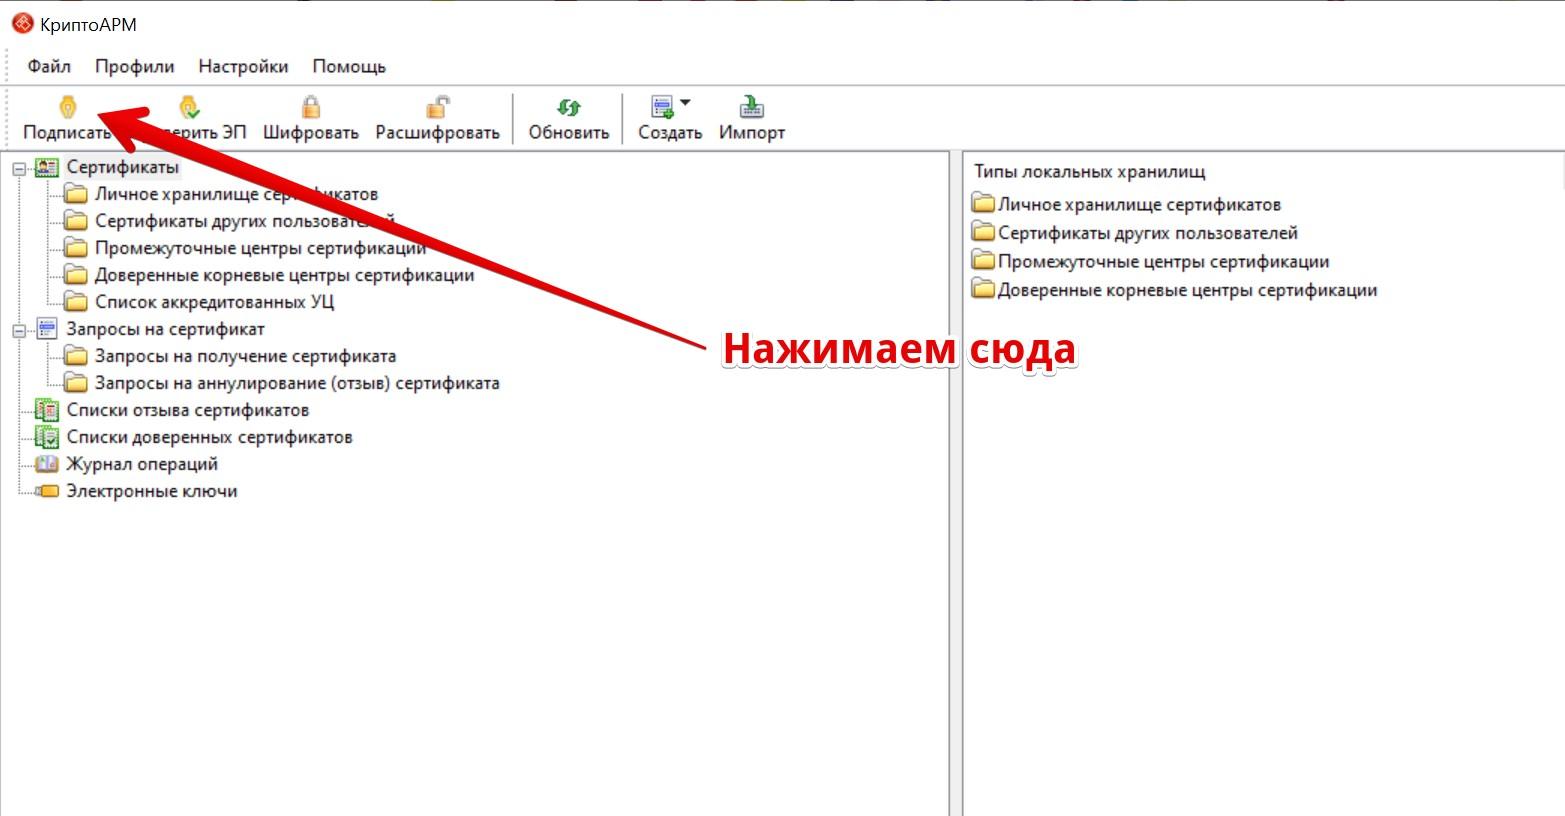 КриптоАРМ подписать документ